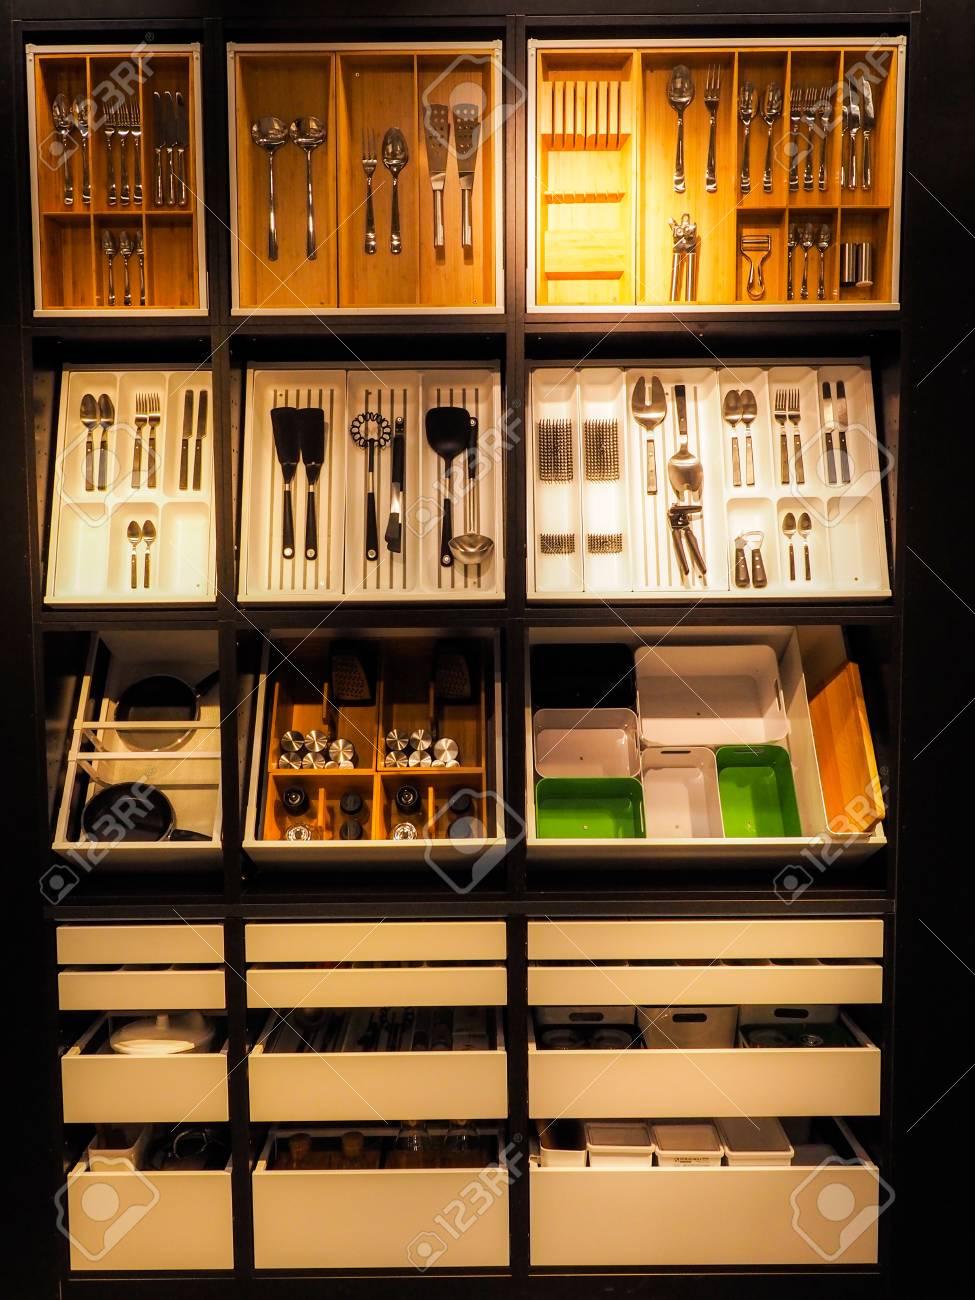 Besteck, Messer, Löffel, Gabel Set Küchenutensilien Lizenzfreie ...